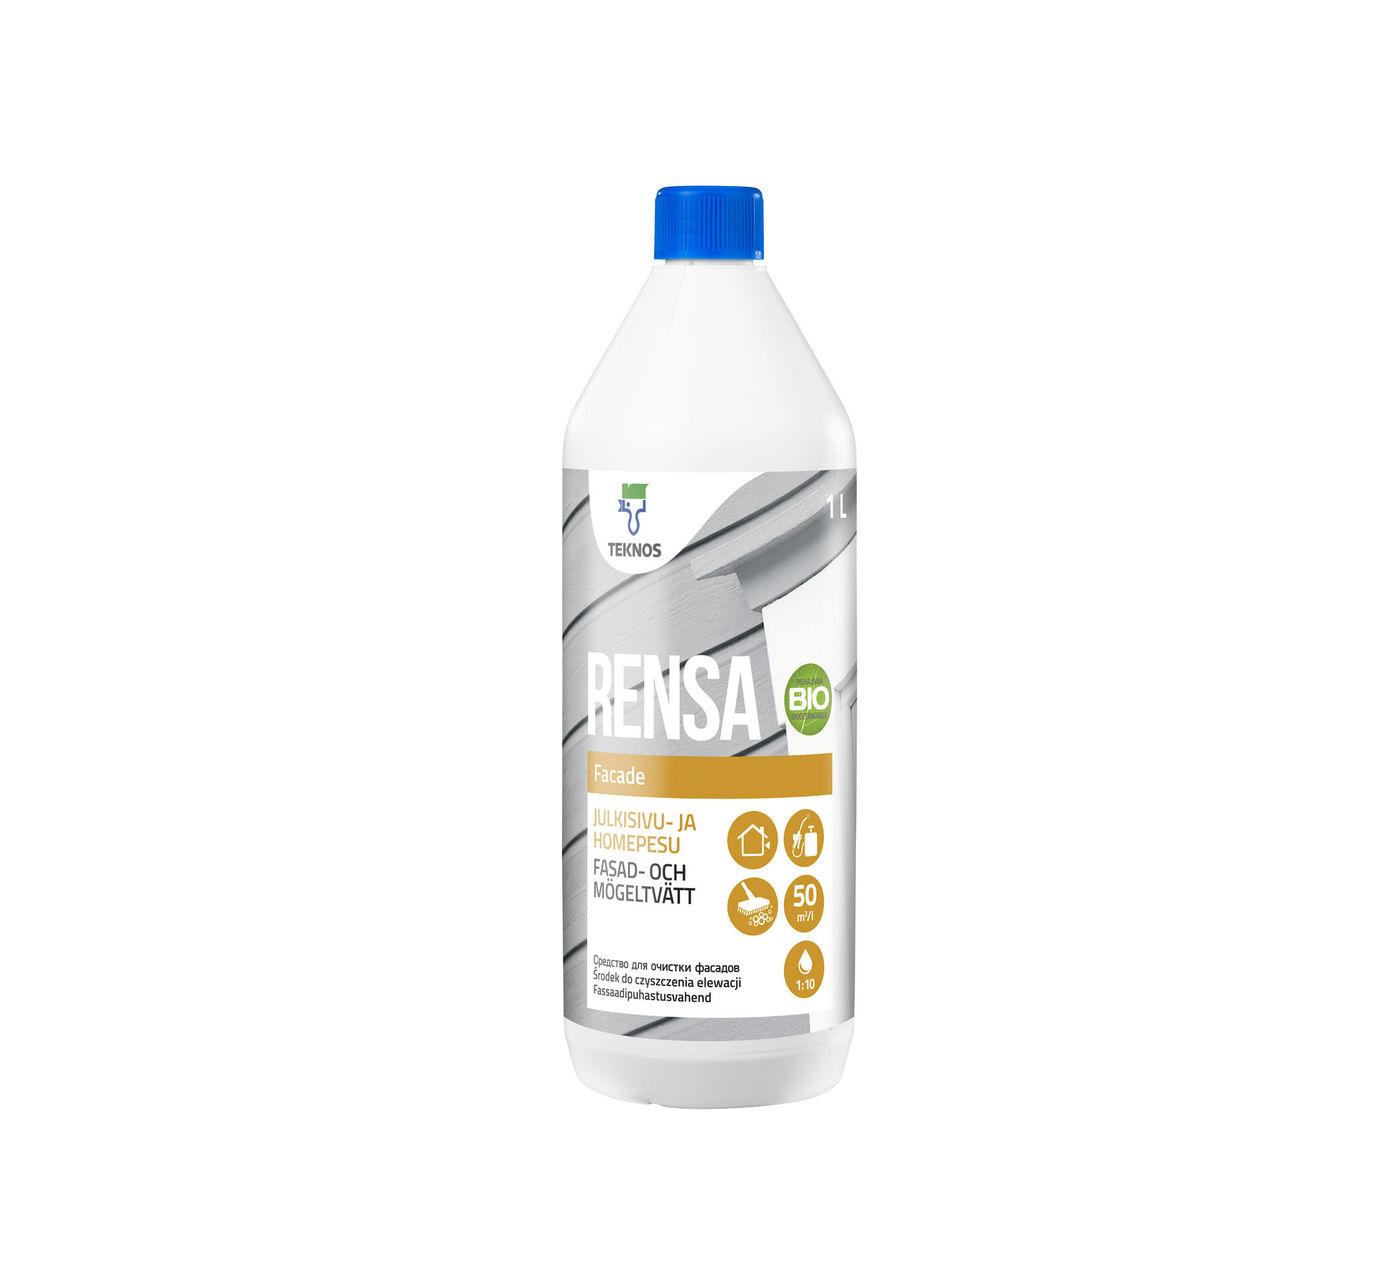 RENSA FACADE средство для очистки фасадов